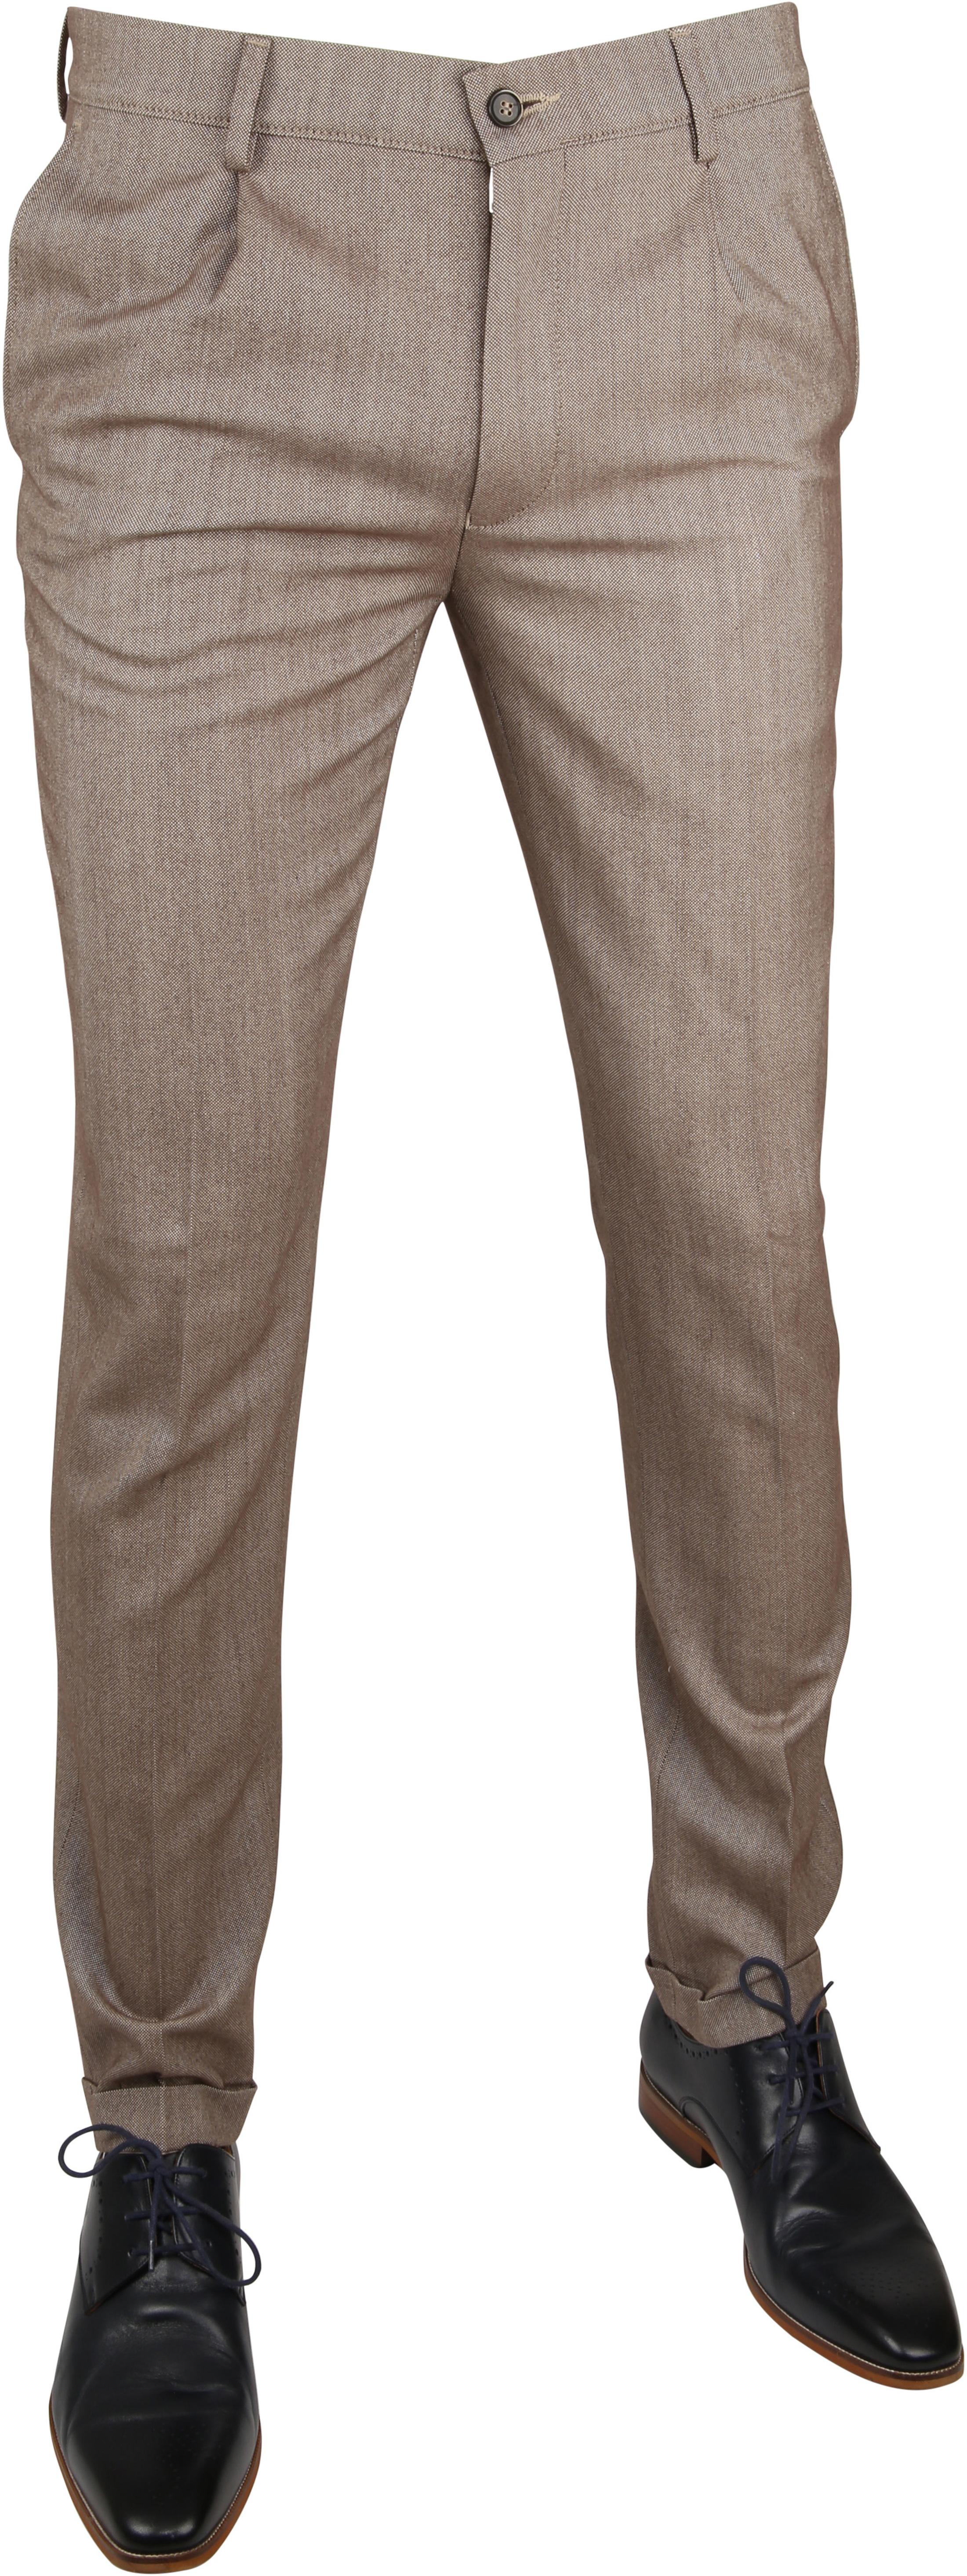 Suitable Premium Pants Rimini Brown foto 0